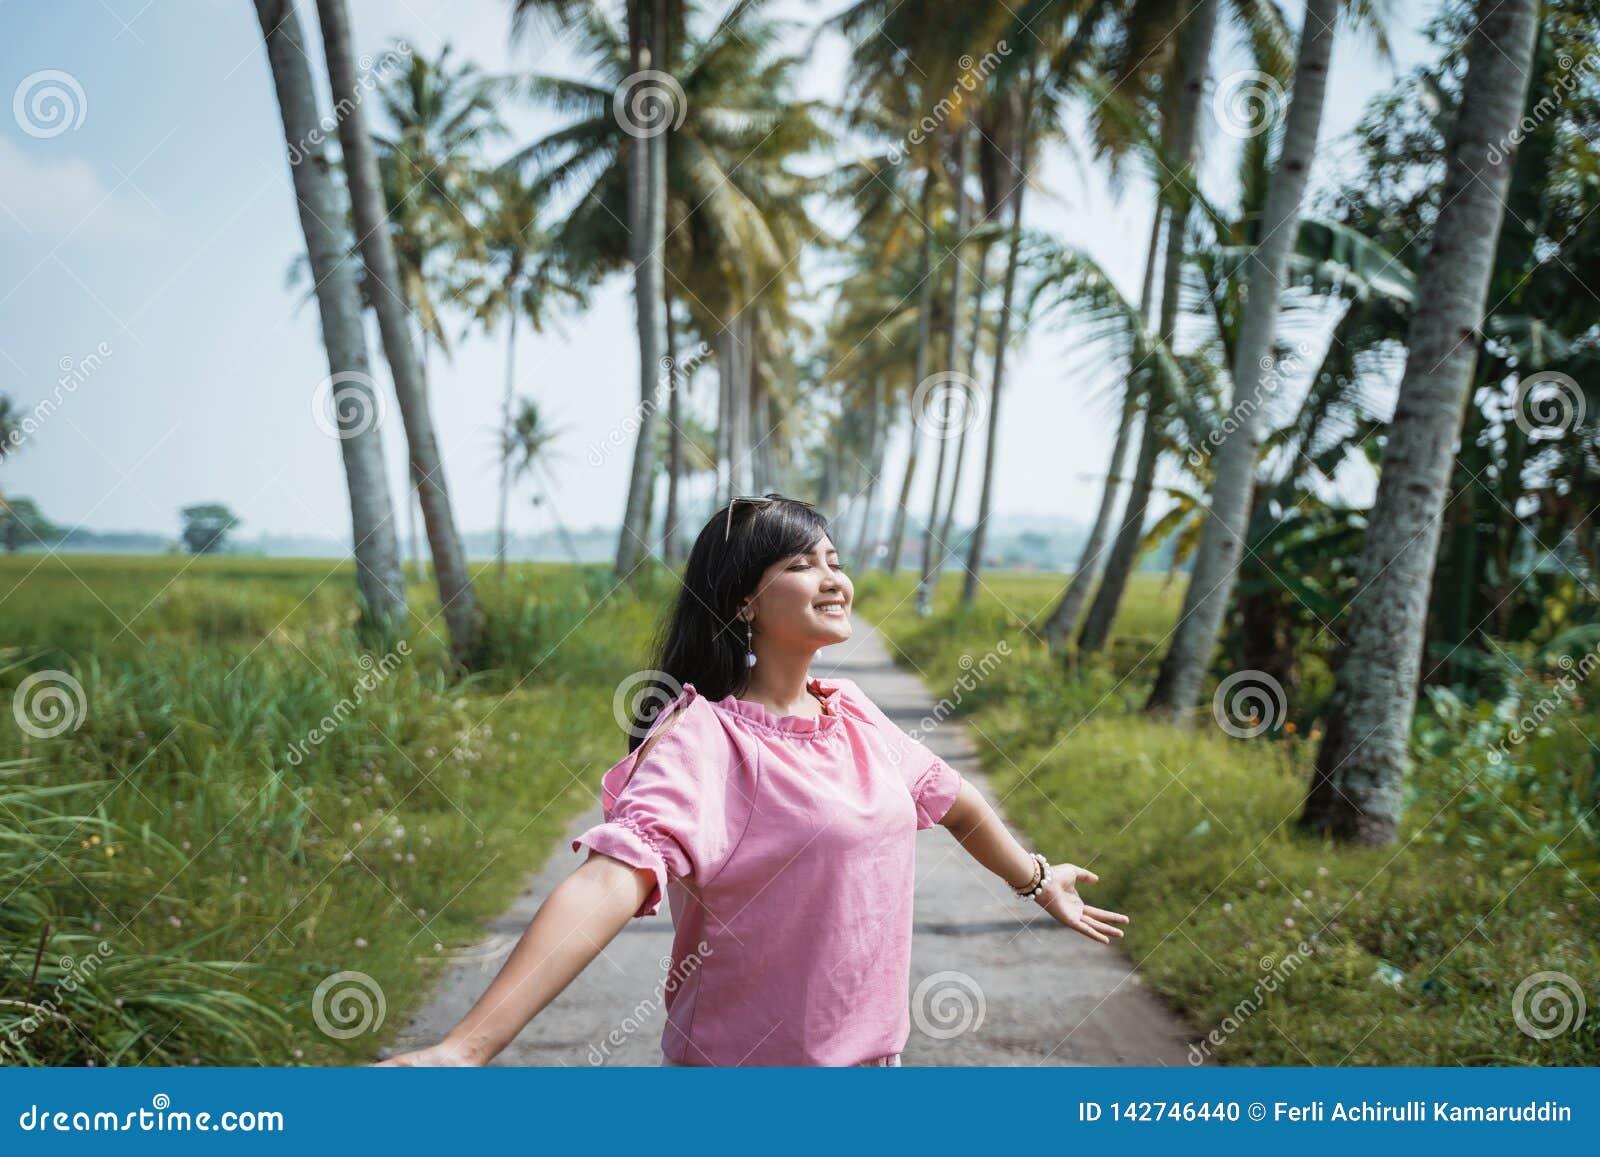 Η γυναίκα ανοίγει την απόλαυση βραχιόνων της υπαίθρια κατά τη διάρκεια της θερινής ημέρας